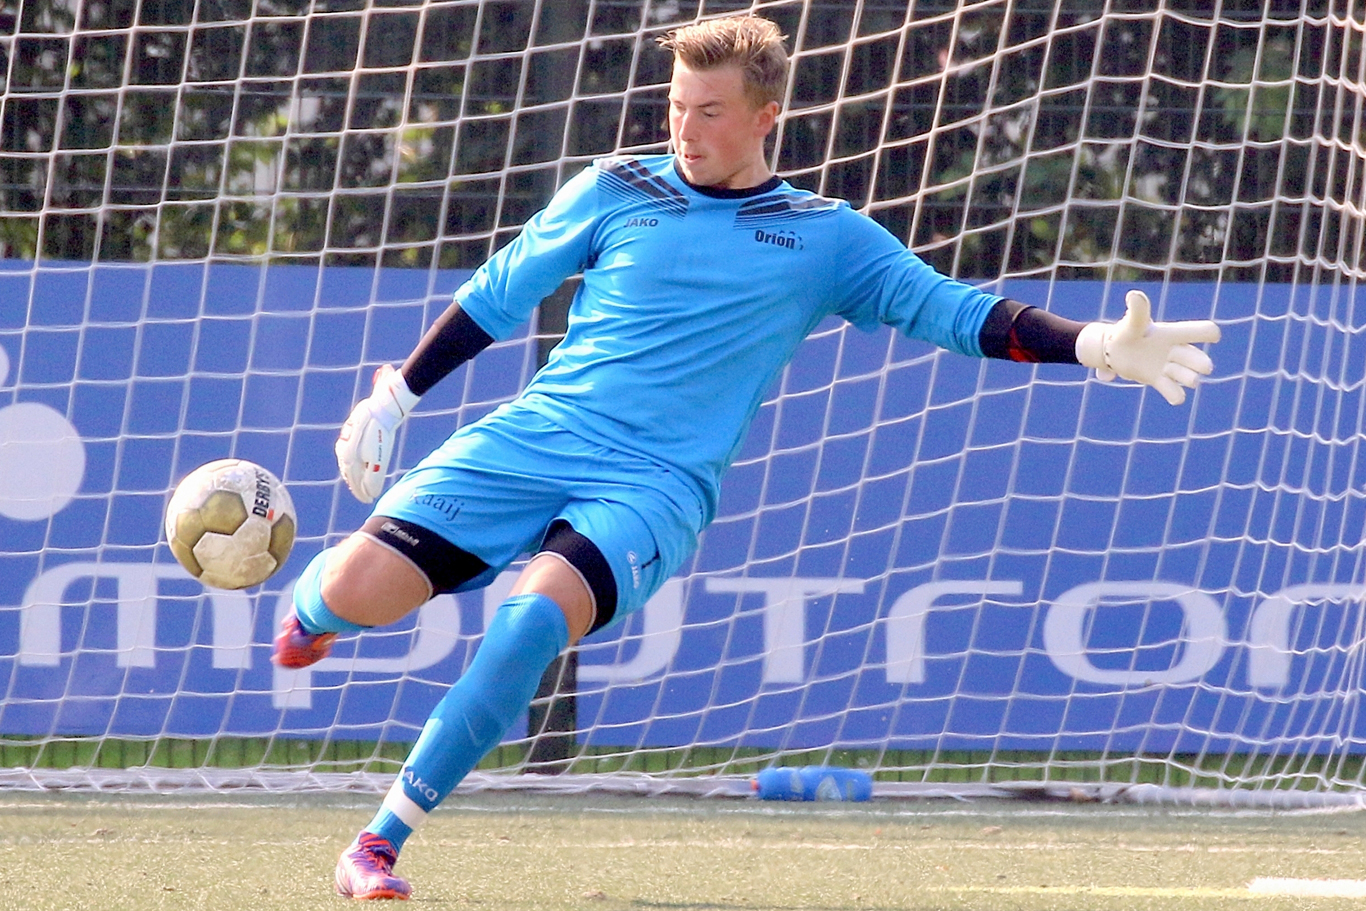 Stan Bruijsten SV Orion Nijmegen